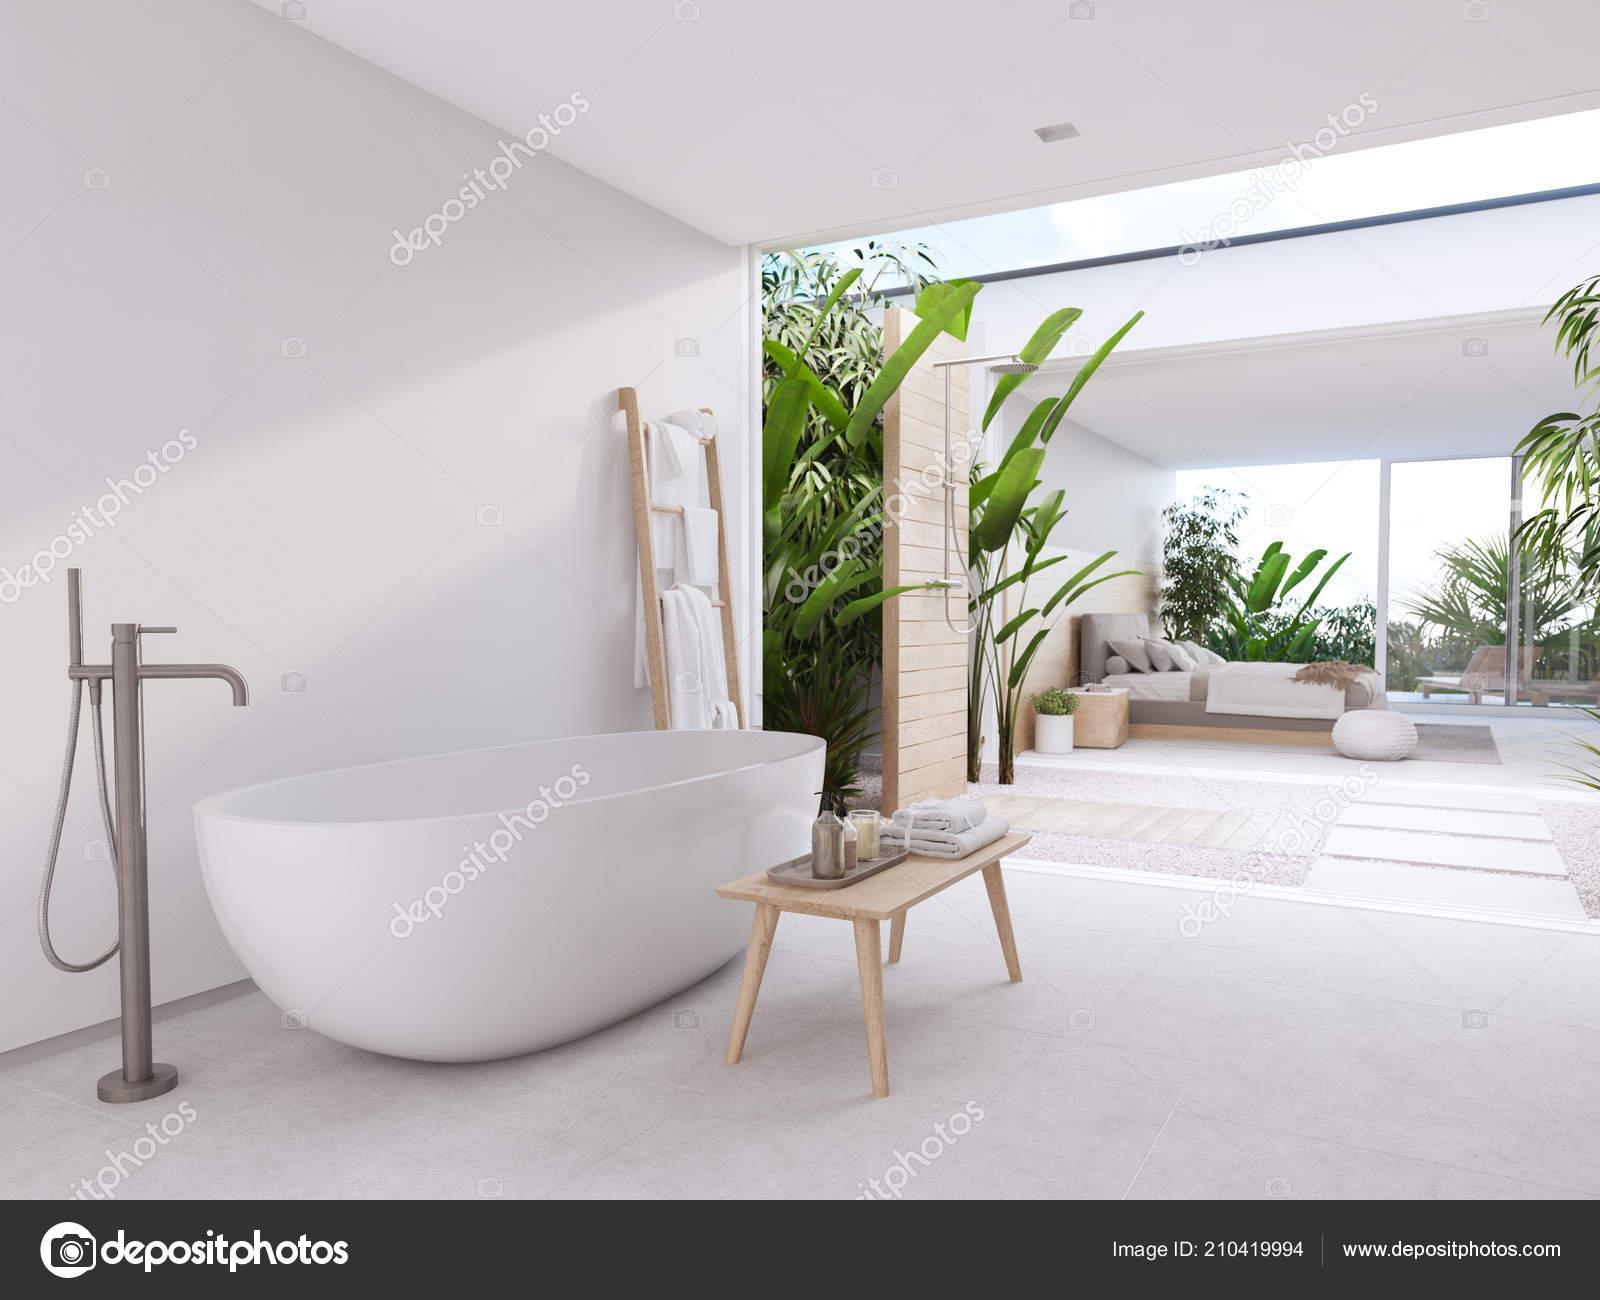 New modern zen bathroom with tropic plants. 3d rendering ... on bathroom with black accents, modern bathroom interior design, powder room interior design,